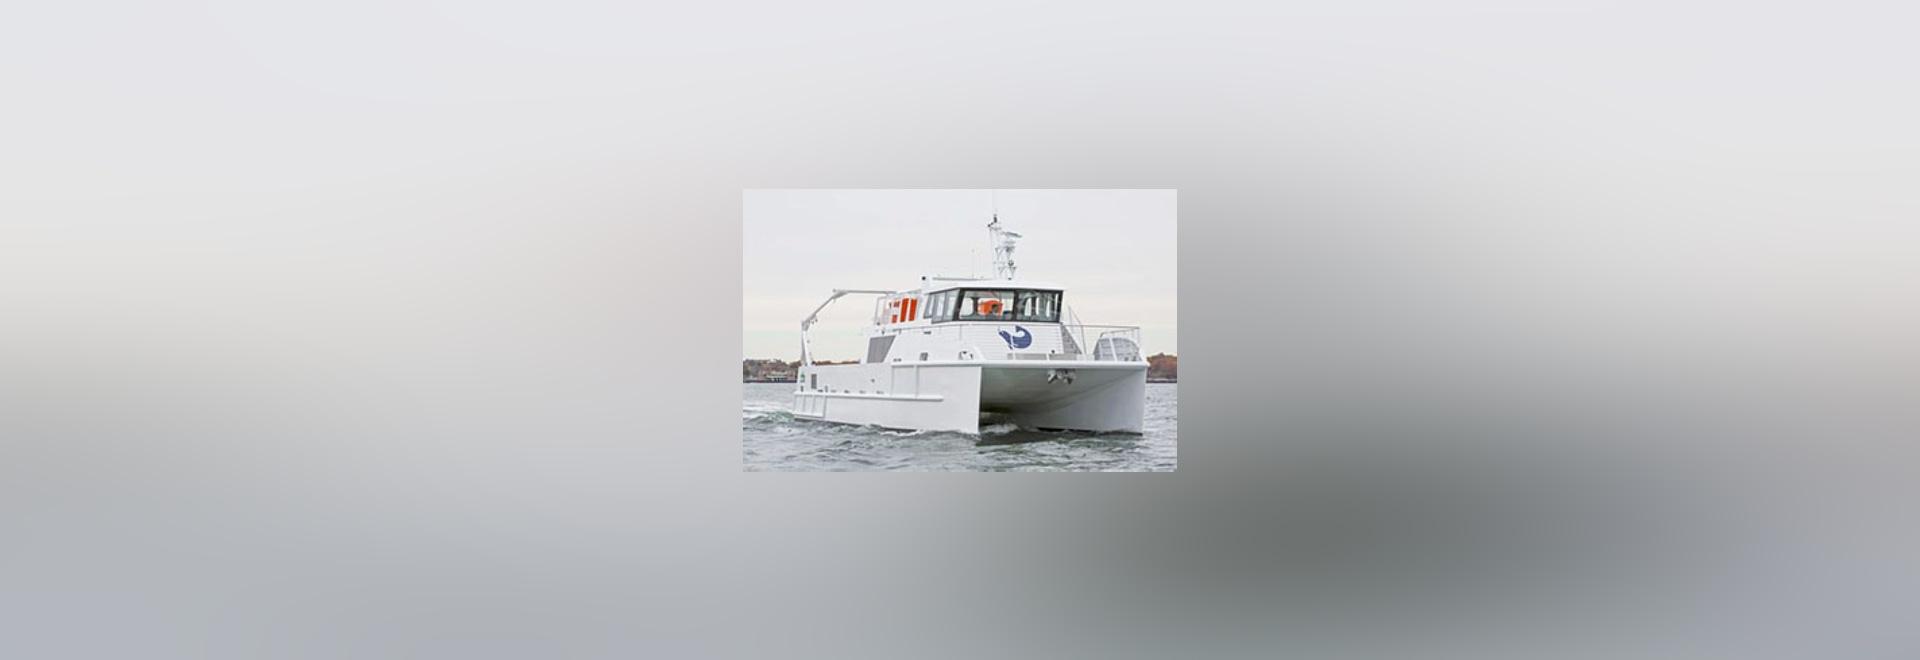 Spirit of the Sound. Derecktor Shipyards photo.